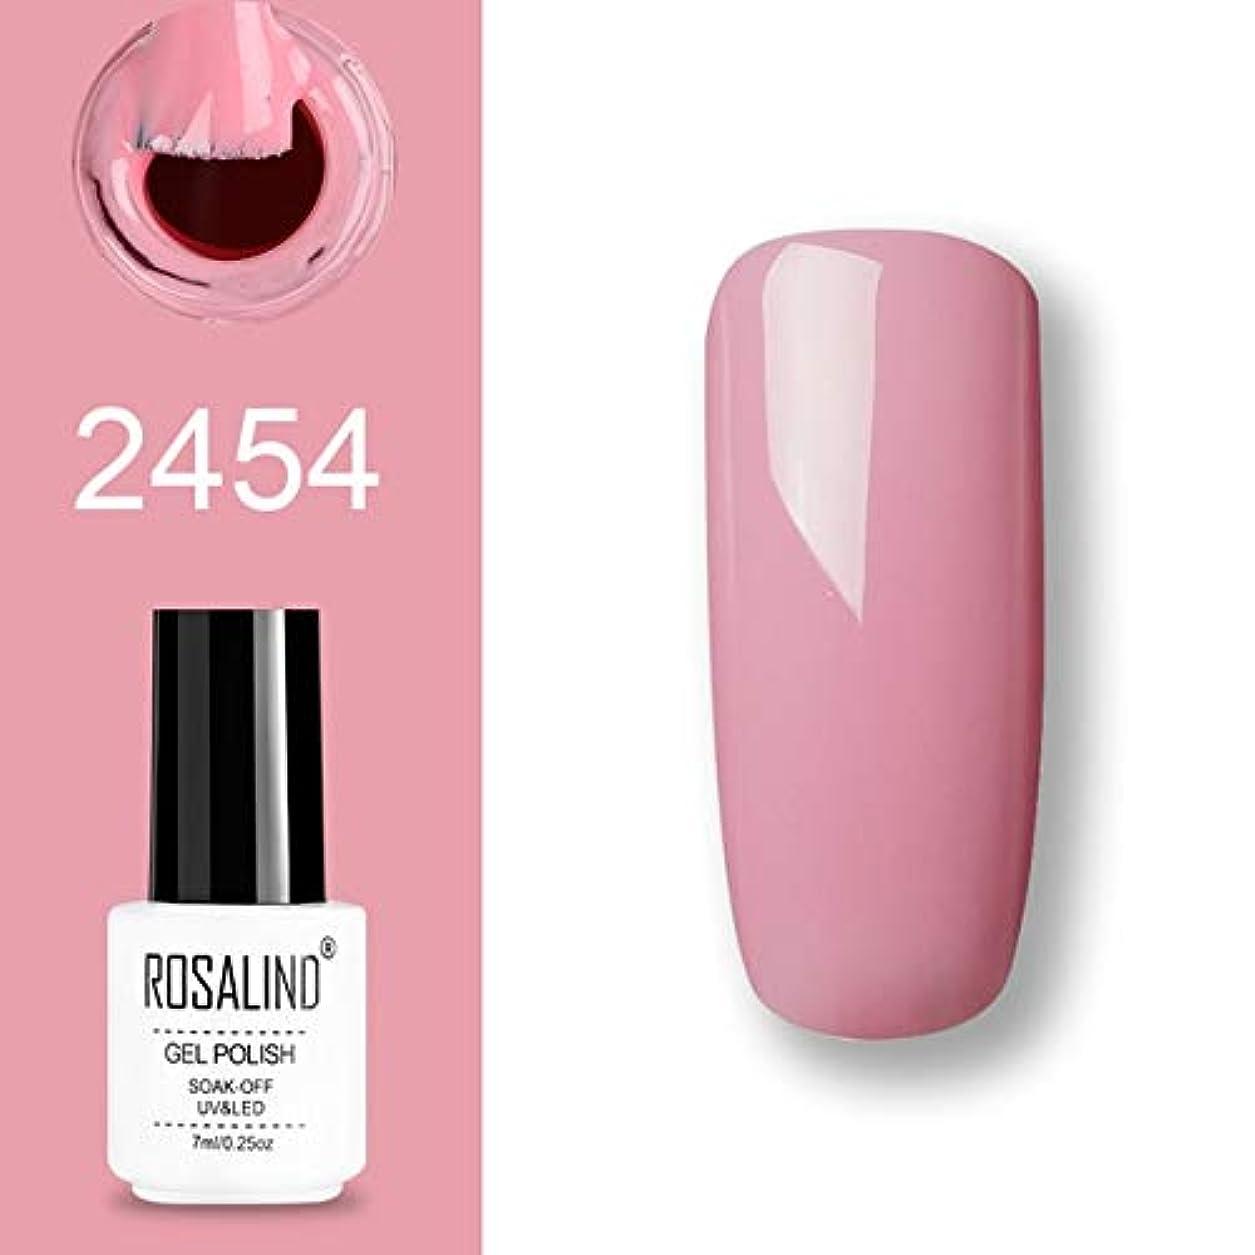 特別に真実プレートファッションアイテム ROSALINDジェルポリッシュセットUV半永久プライマートップコートポリジェルニスネイルアートマニキュアジェル、ピンク、容量:7ml 2454。 環境に優しいマニキュア